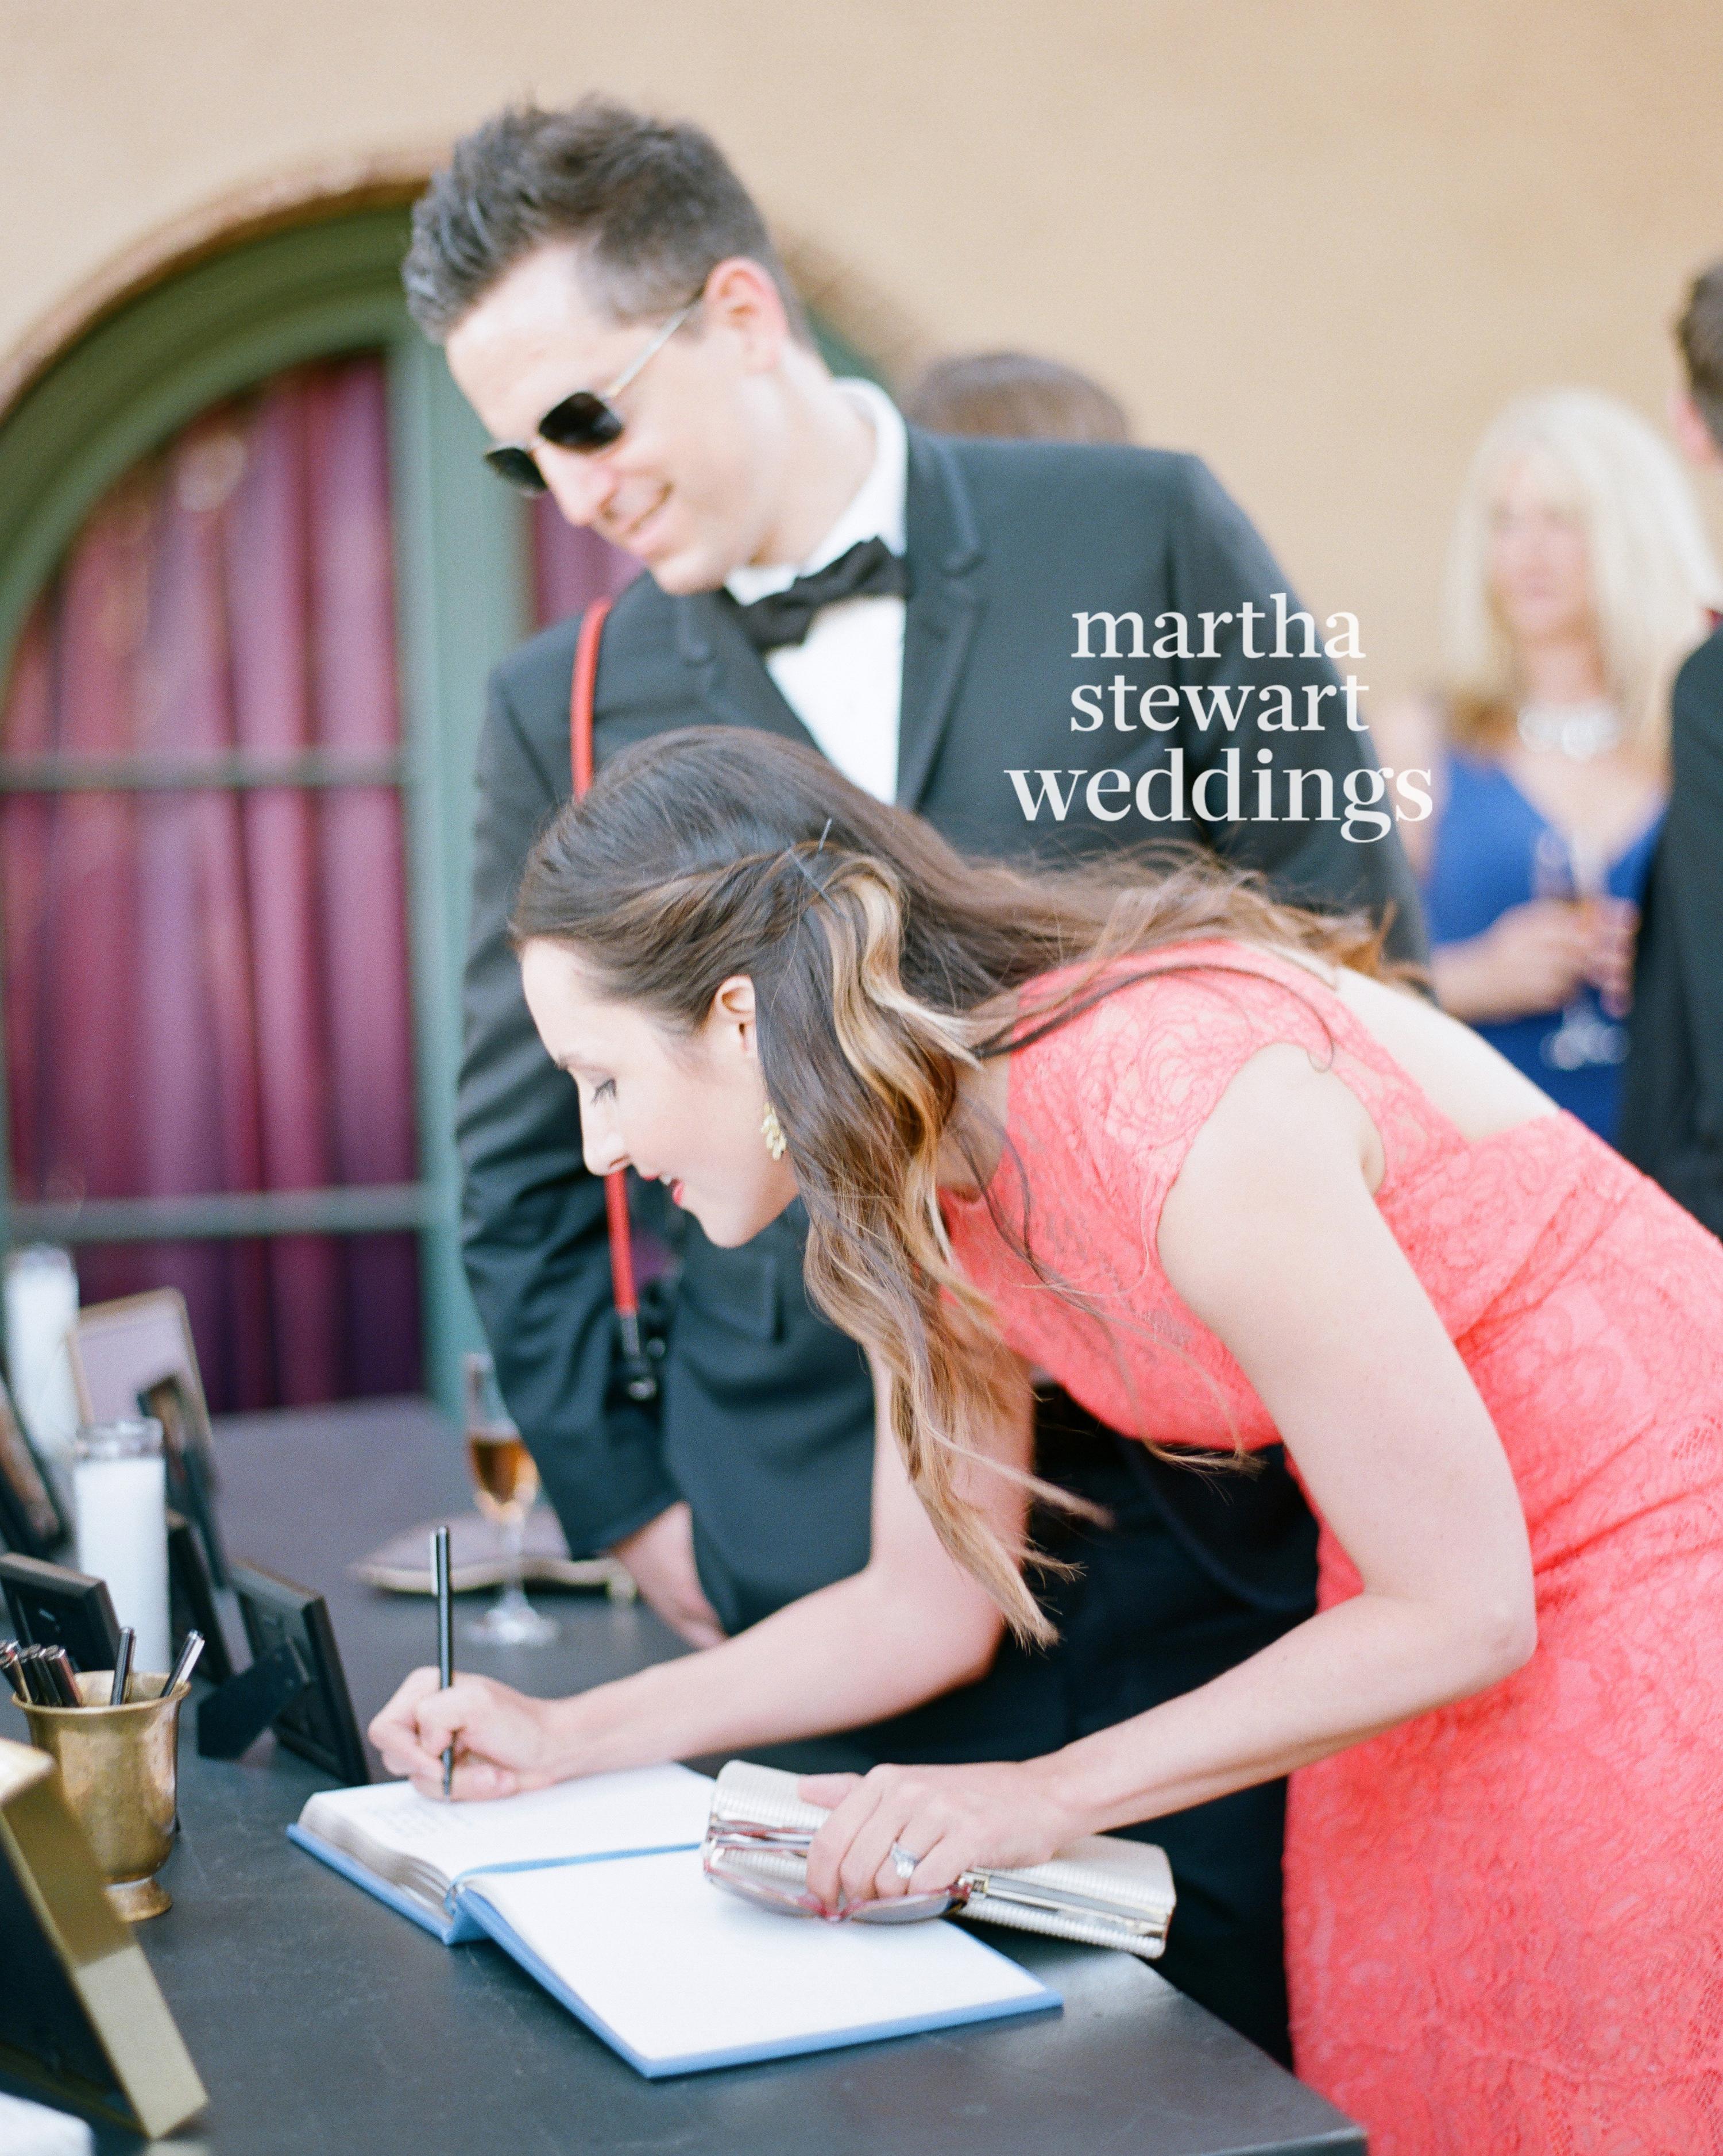 sophia-joel-wedding-los-angeles-243-d112240-watermarked-0915.jpg